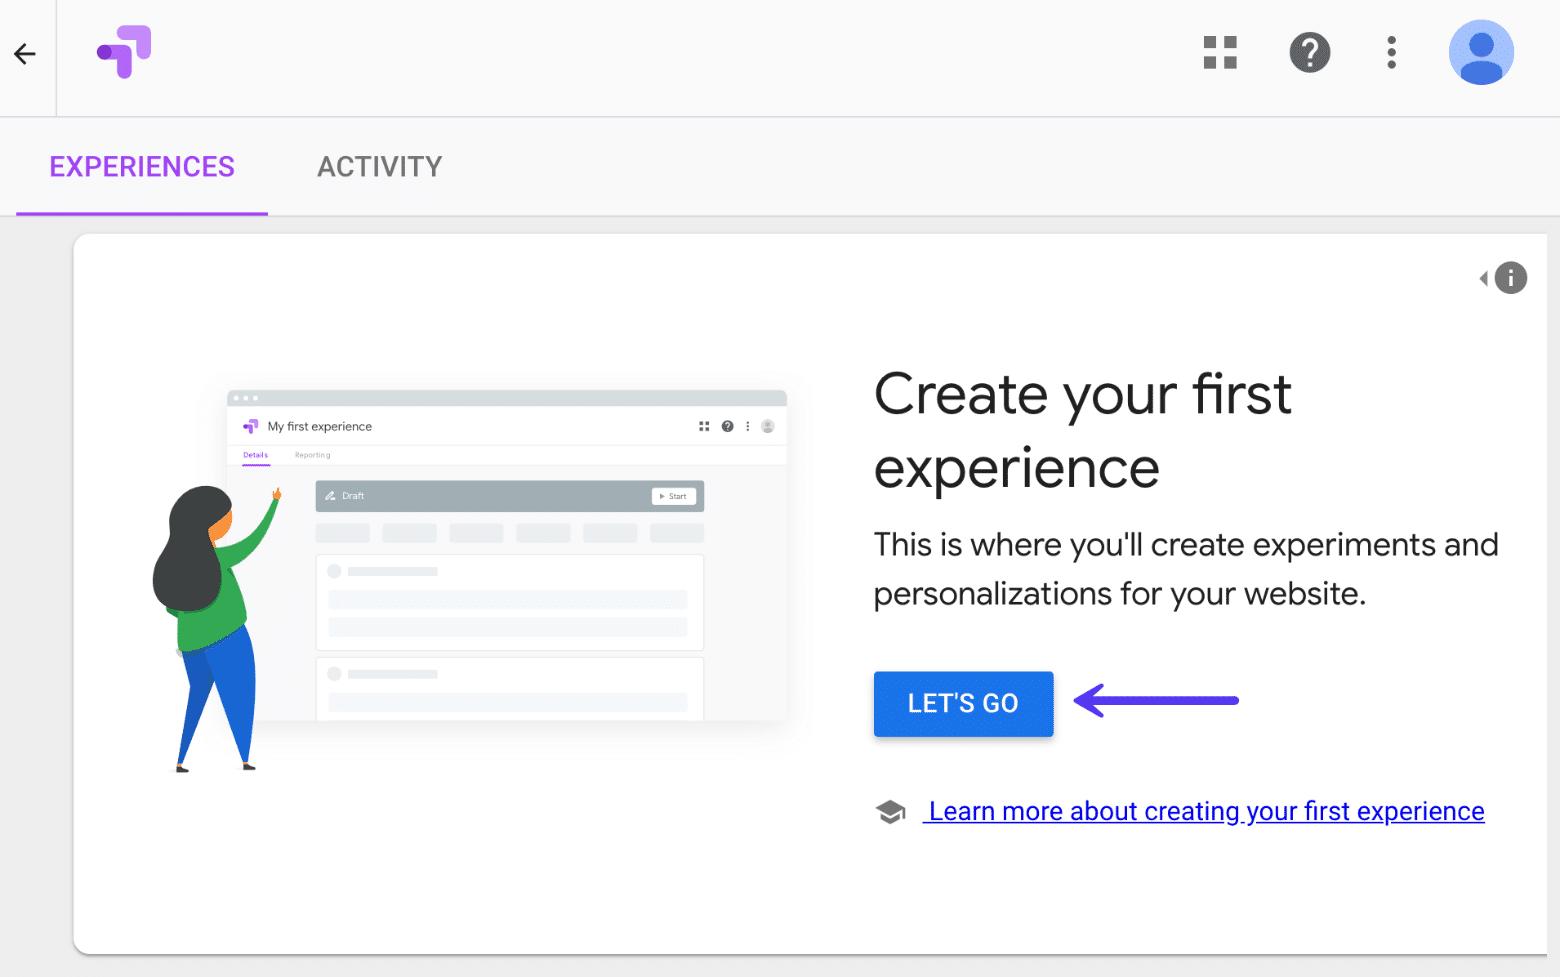 Creando una Experiencia de prueba A/B en Google Optimize